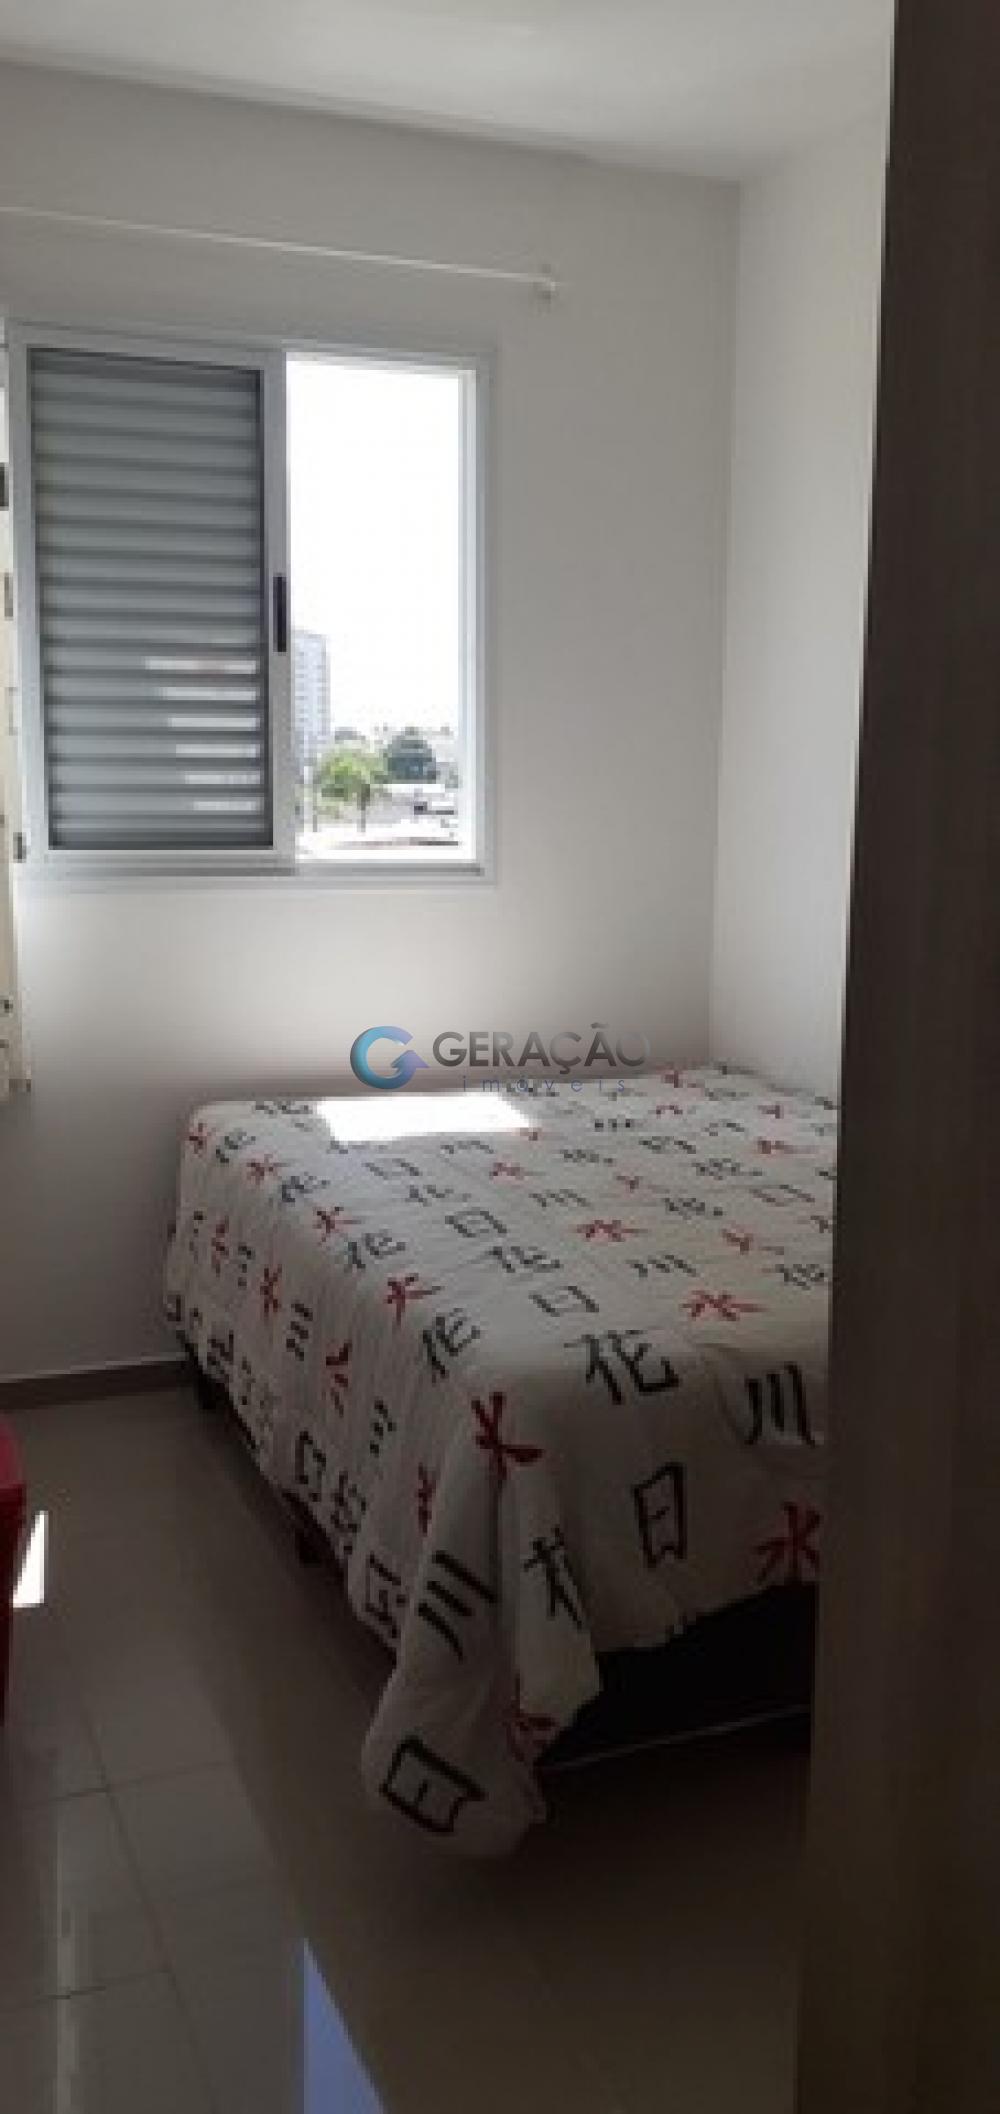 Comprar Apartamento / Padrão em São José dos Campos R$ 297.000,00 - Foto 9